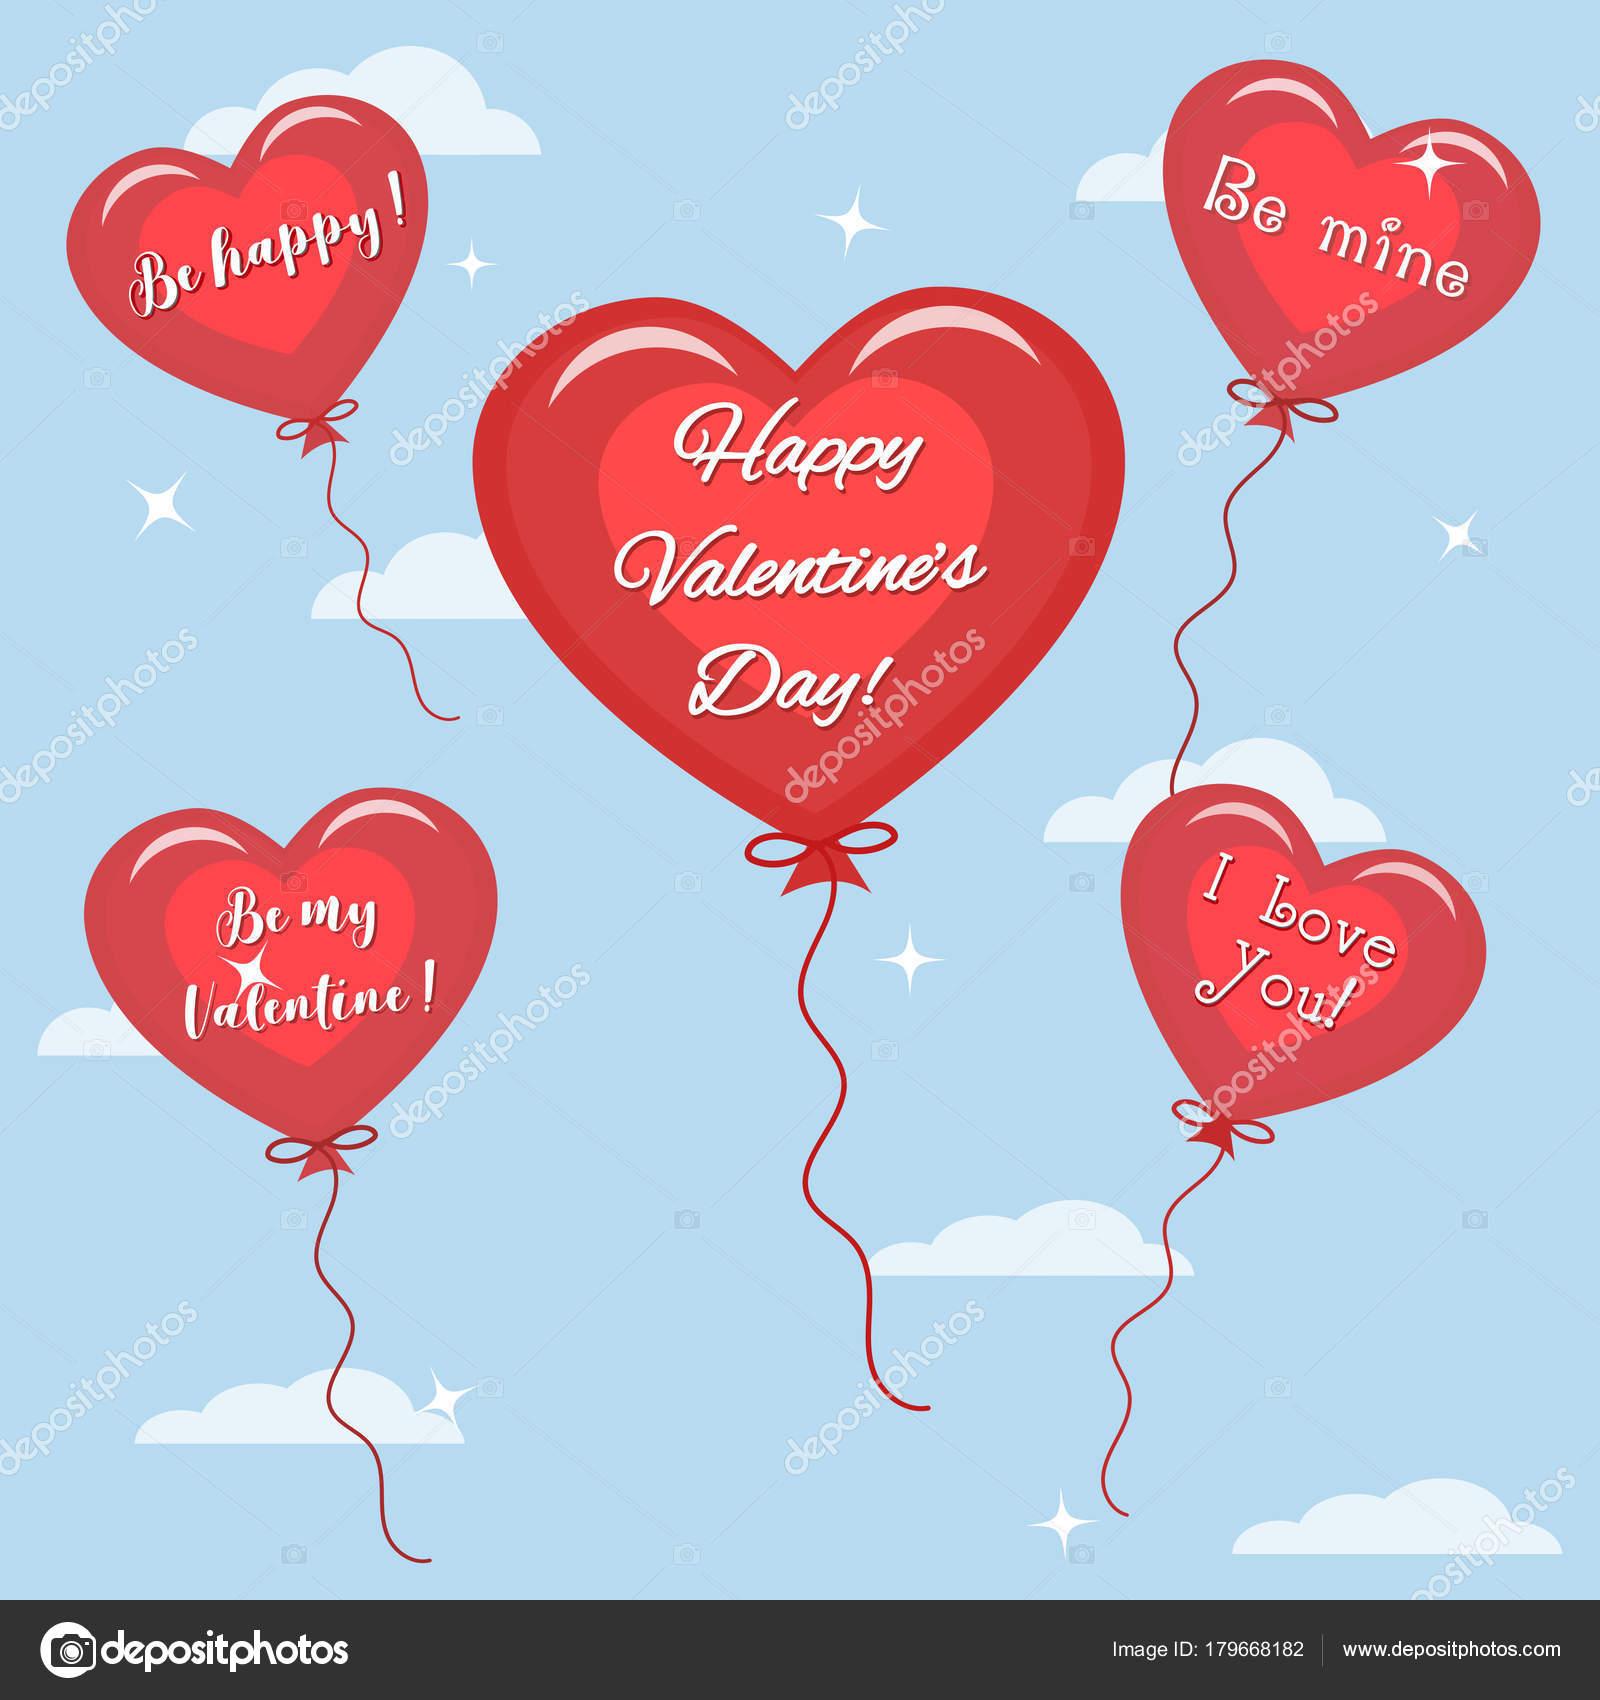 gefeliciteerd met valentijnsdag Vijf rode ballon met de tekst van gefeliciteerd op Valentijnsdag  gefeliciteerd met valentijnsdag